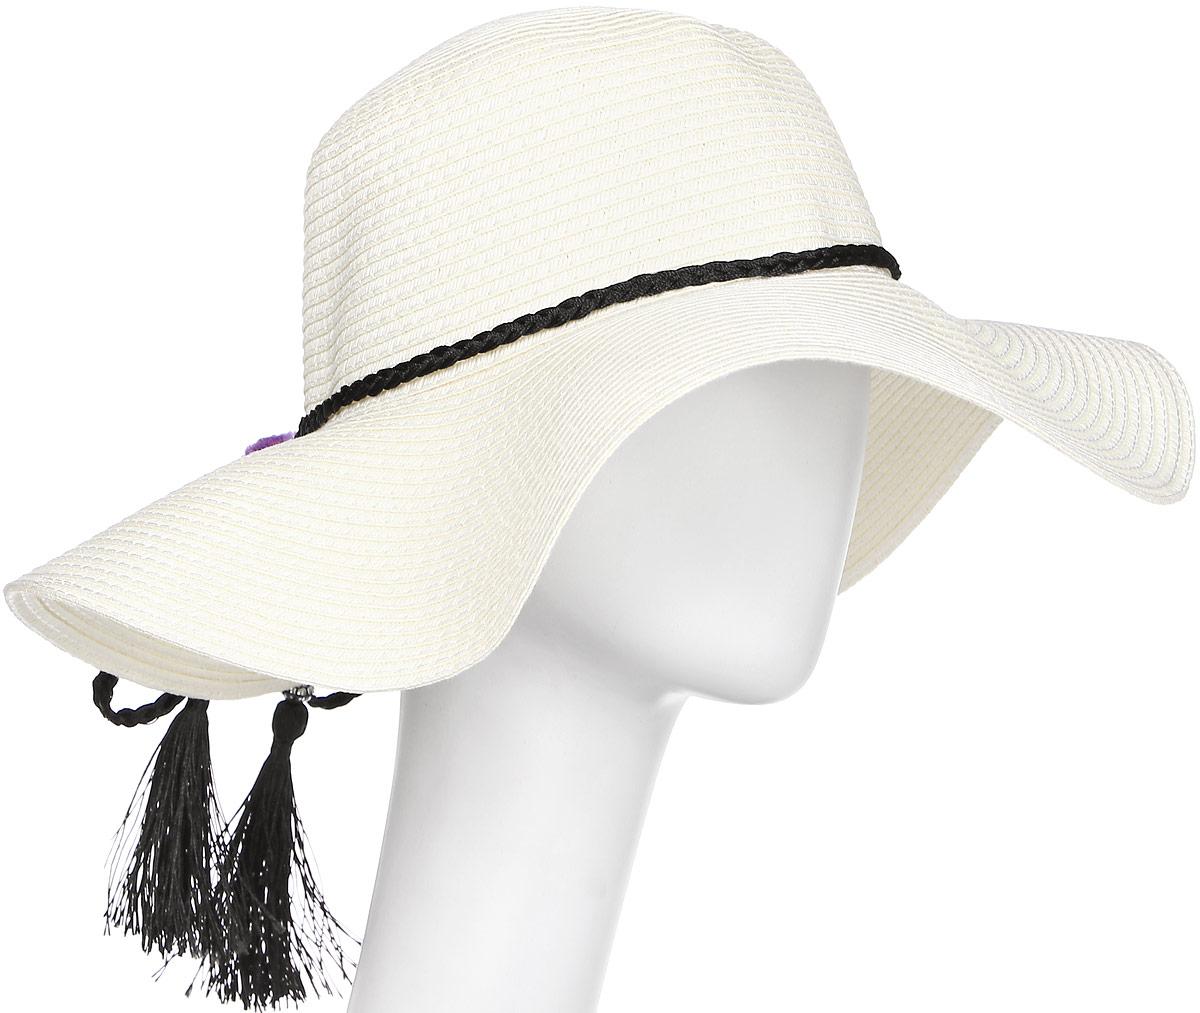 Шляпа4/0052/001Широкополая шляпа Модные истории выполнена из целлюлозы. Модель оформлена плетением и декоративными нашивками в виде помпонов и косичек. Благодаря своей форме, шляпа удобно садится по голове и подойдет к любому стилю. Изделие легко восстанавливает свою форму после сжатия.